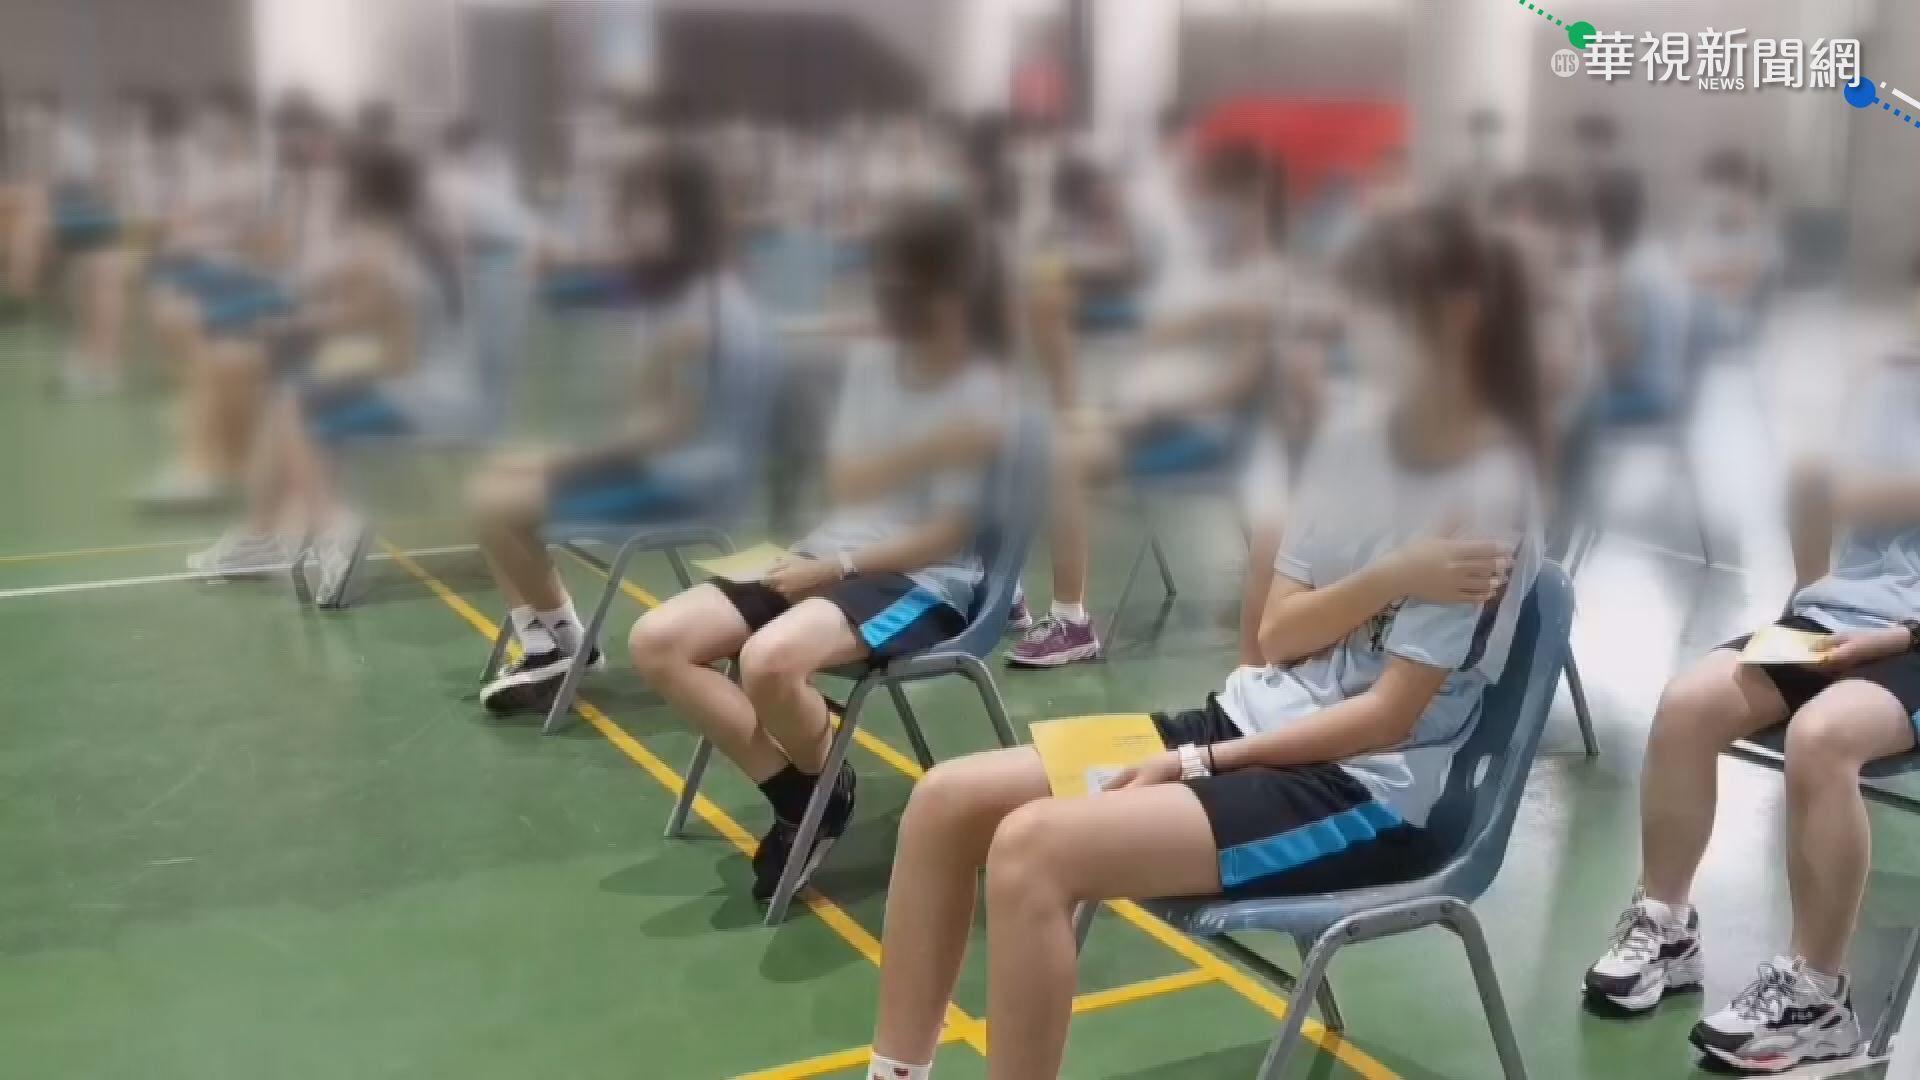 校園BNT施打第三天 學生出現請假潮